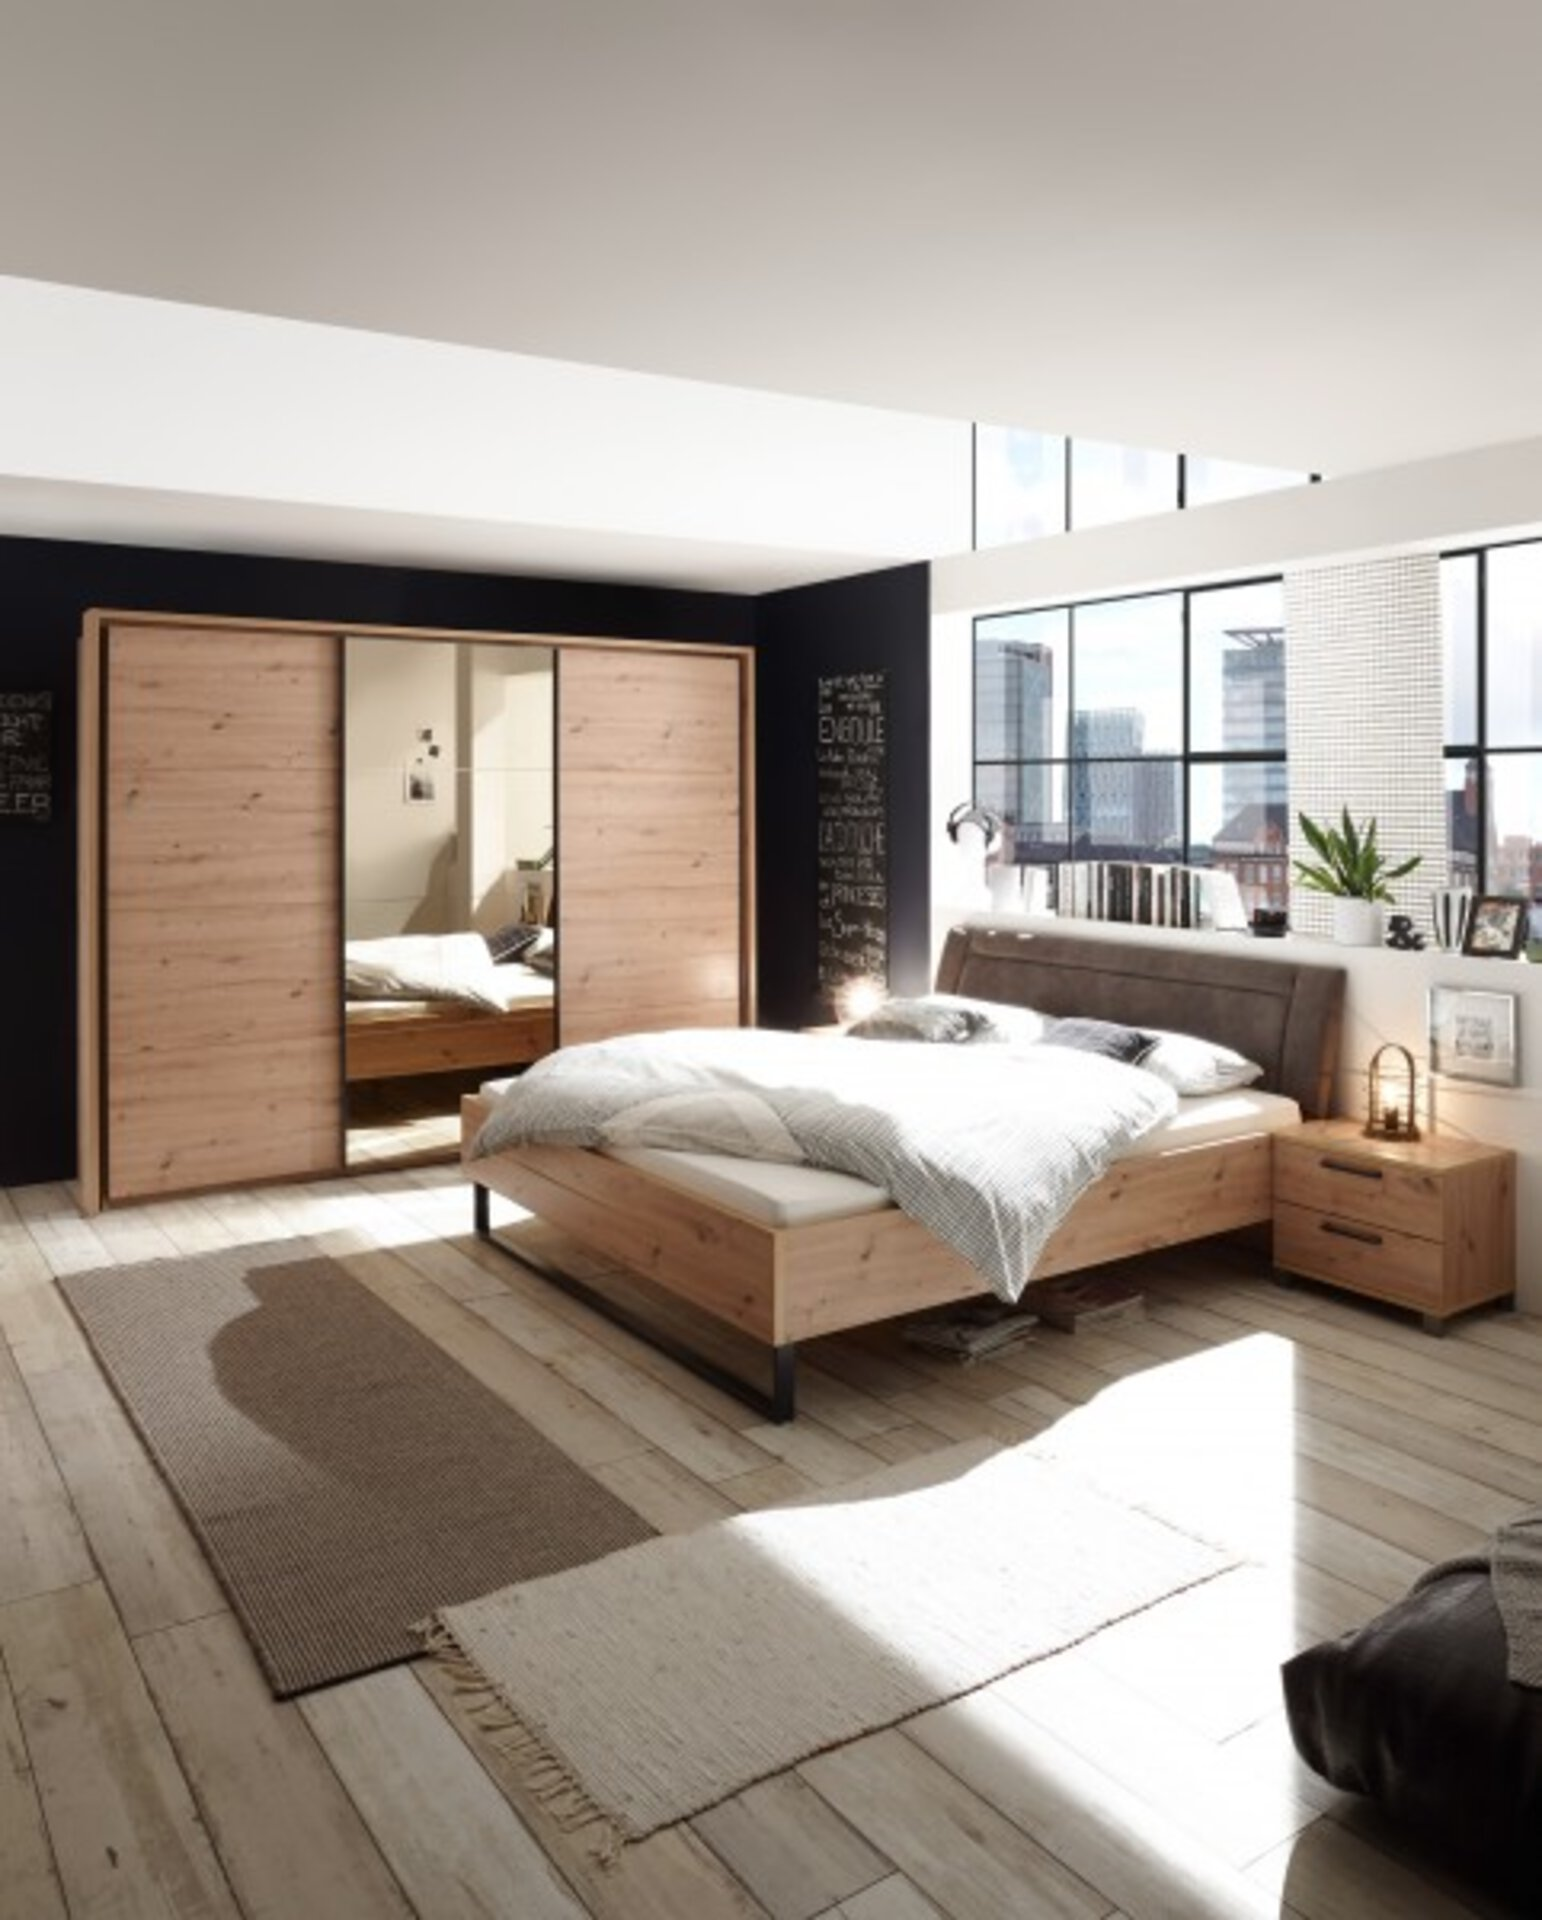 Schwebetürenschrank ORLANDO Dreamoro Holzwerkstoff 60 x 210 x 270 cm